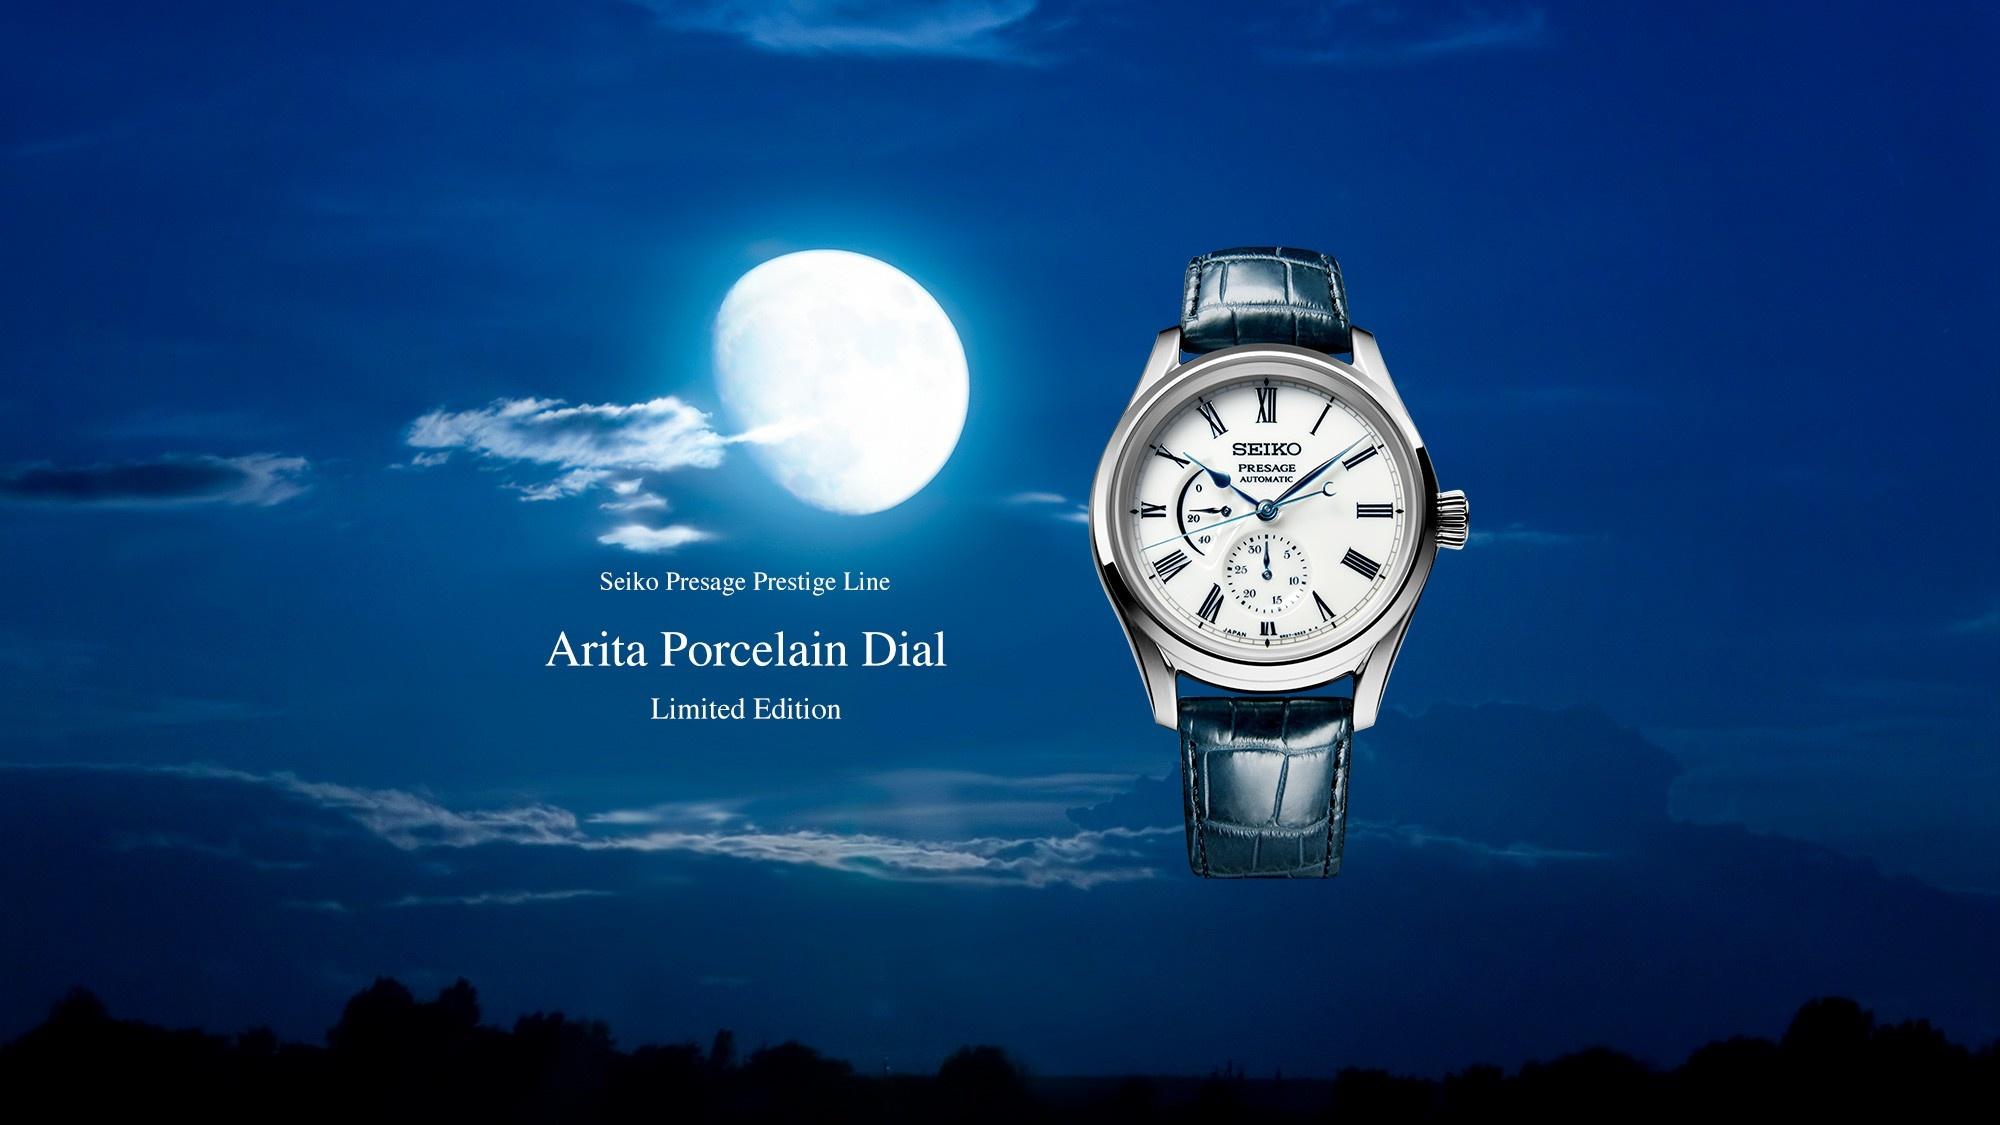 Seiko Presage Limited Edition Arita Porselein